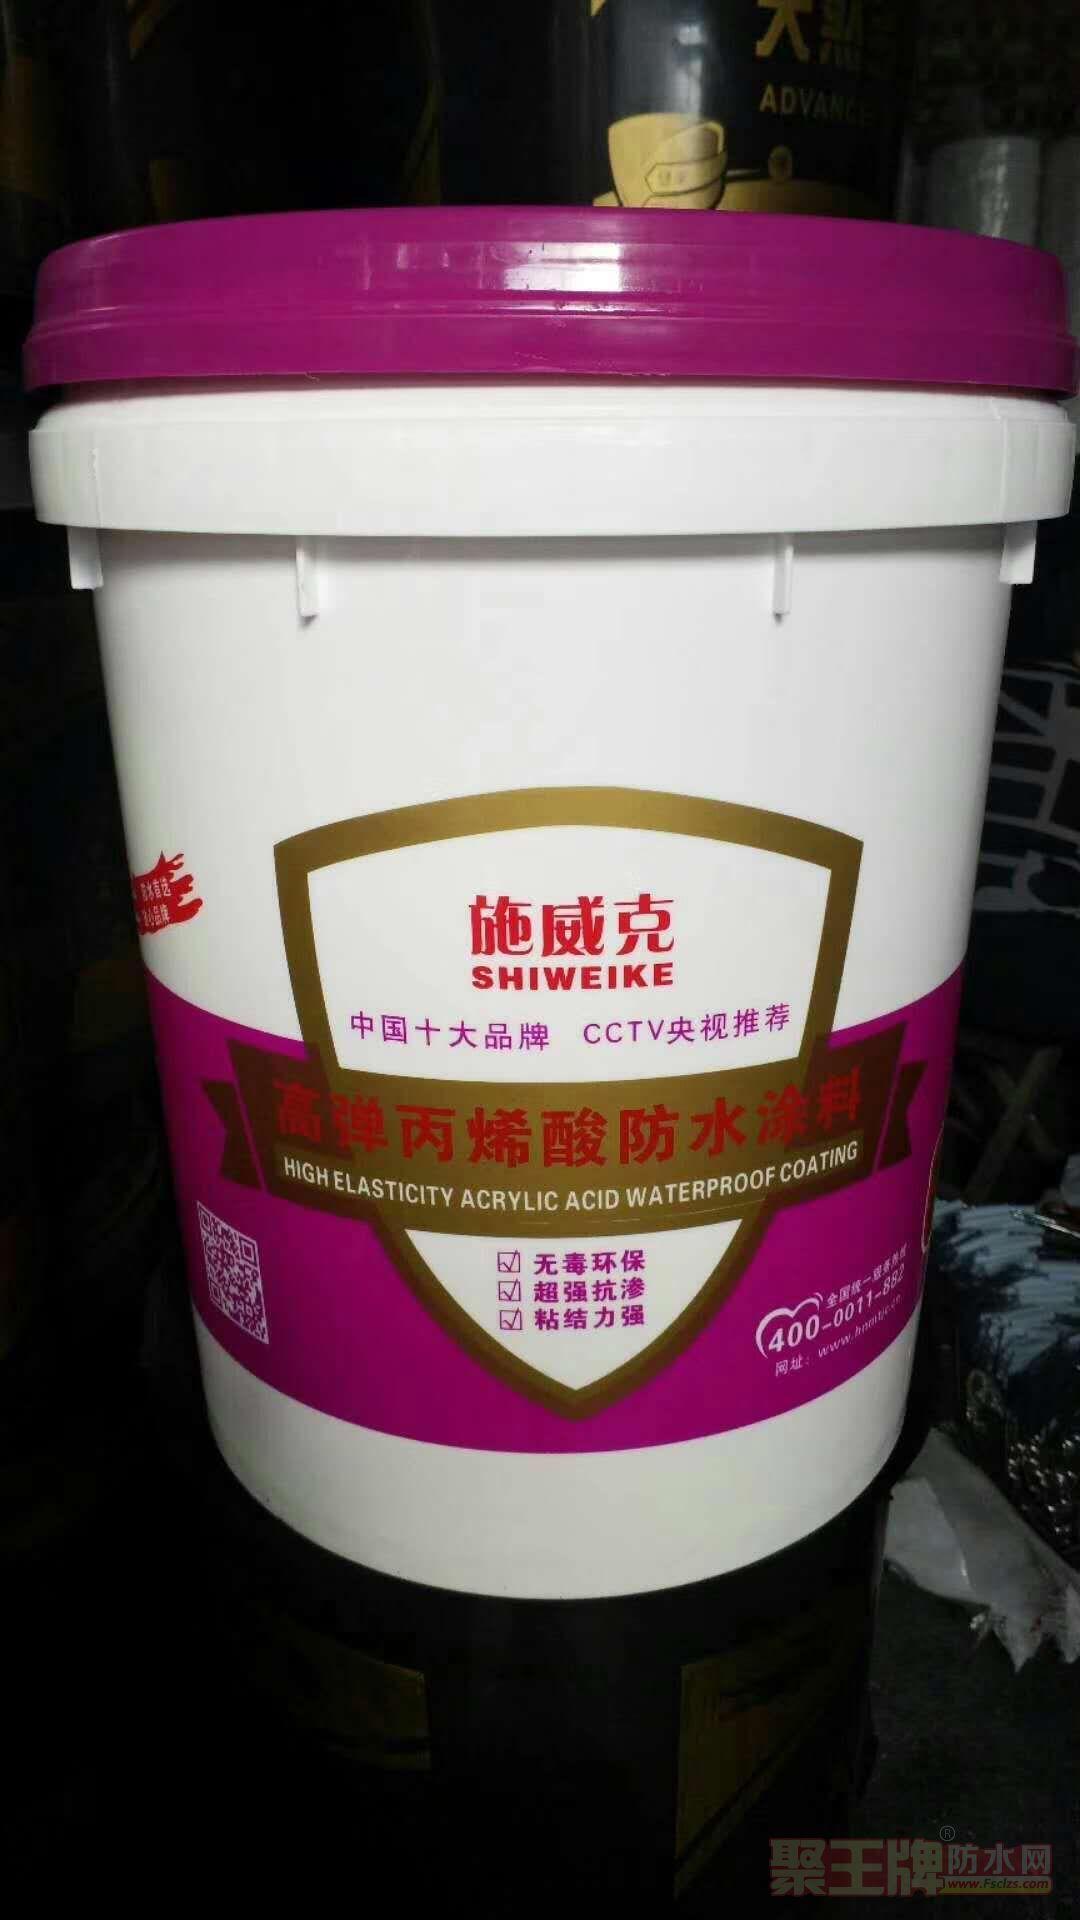 荆州市丙烯酸防水涂料铁皮瓦彩钢瓦防水涂料